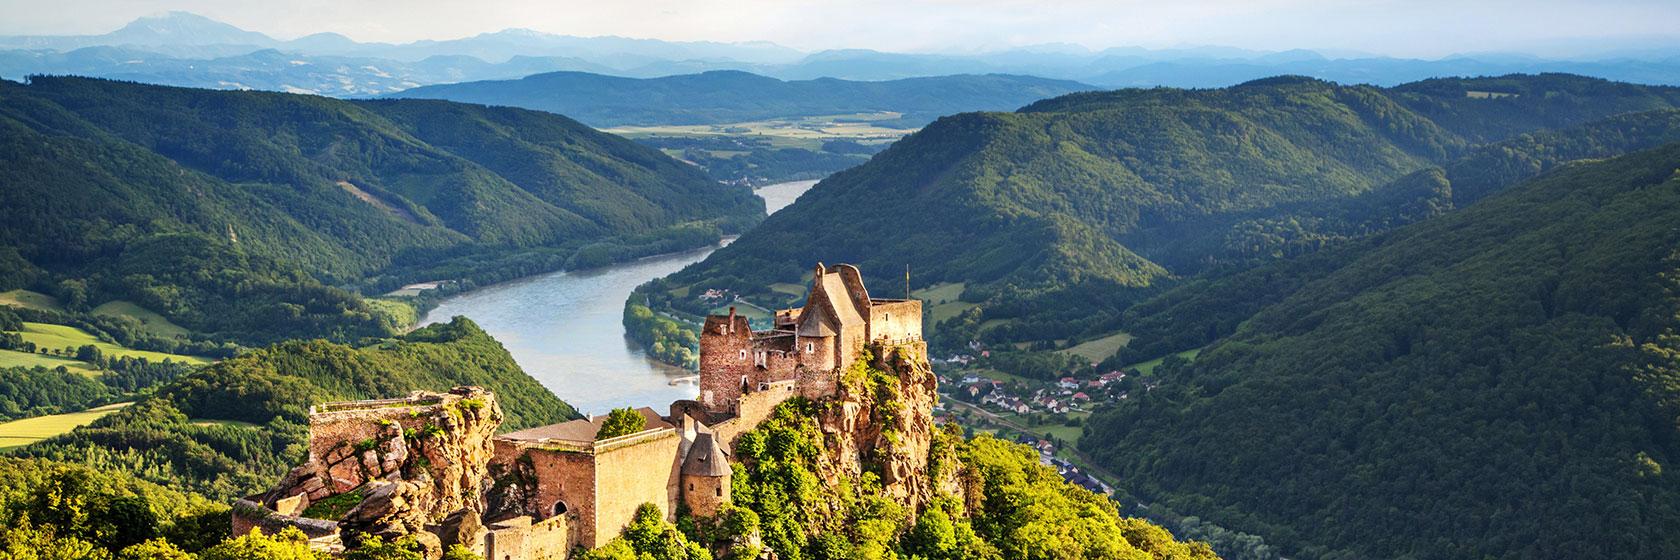 En elv som renner gjennom en vakker dal. Et stort slott har flott utsikt.